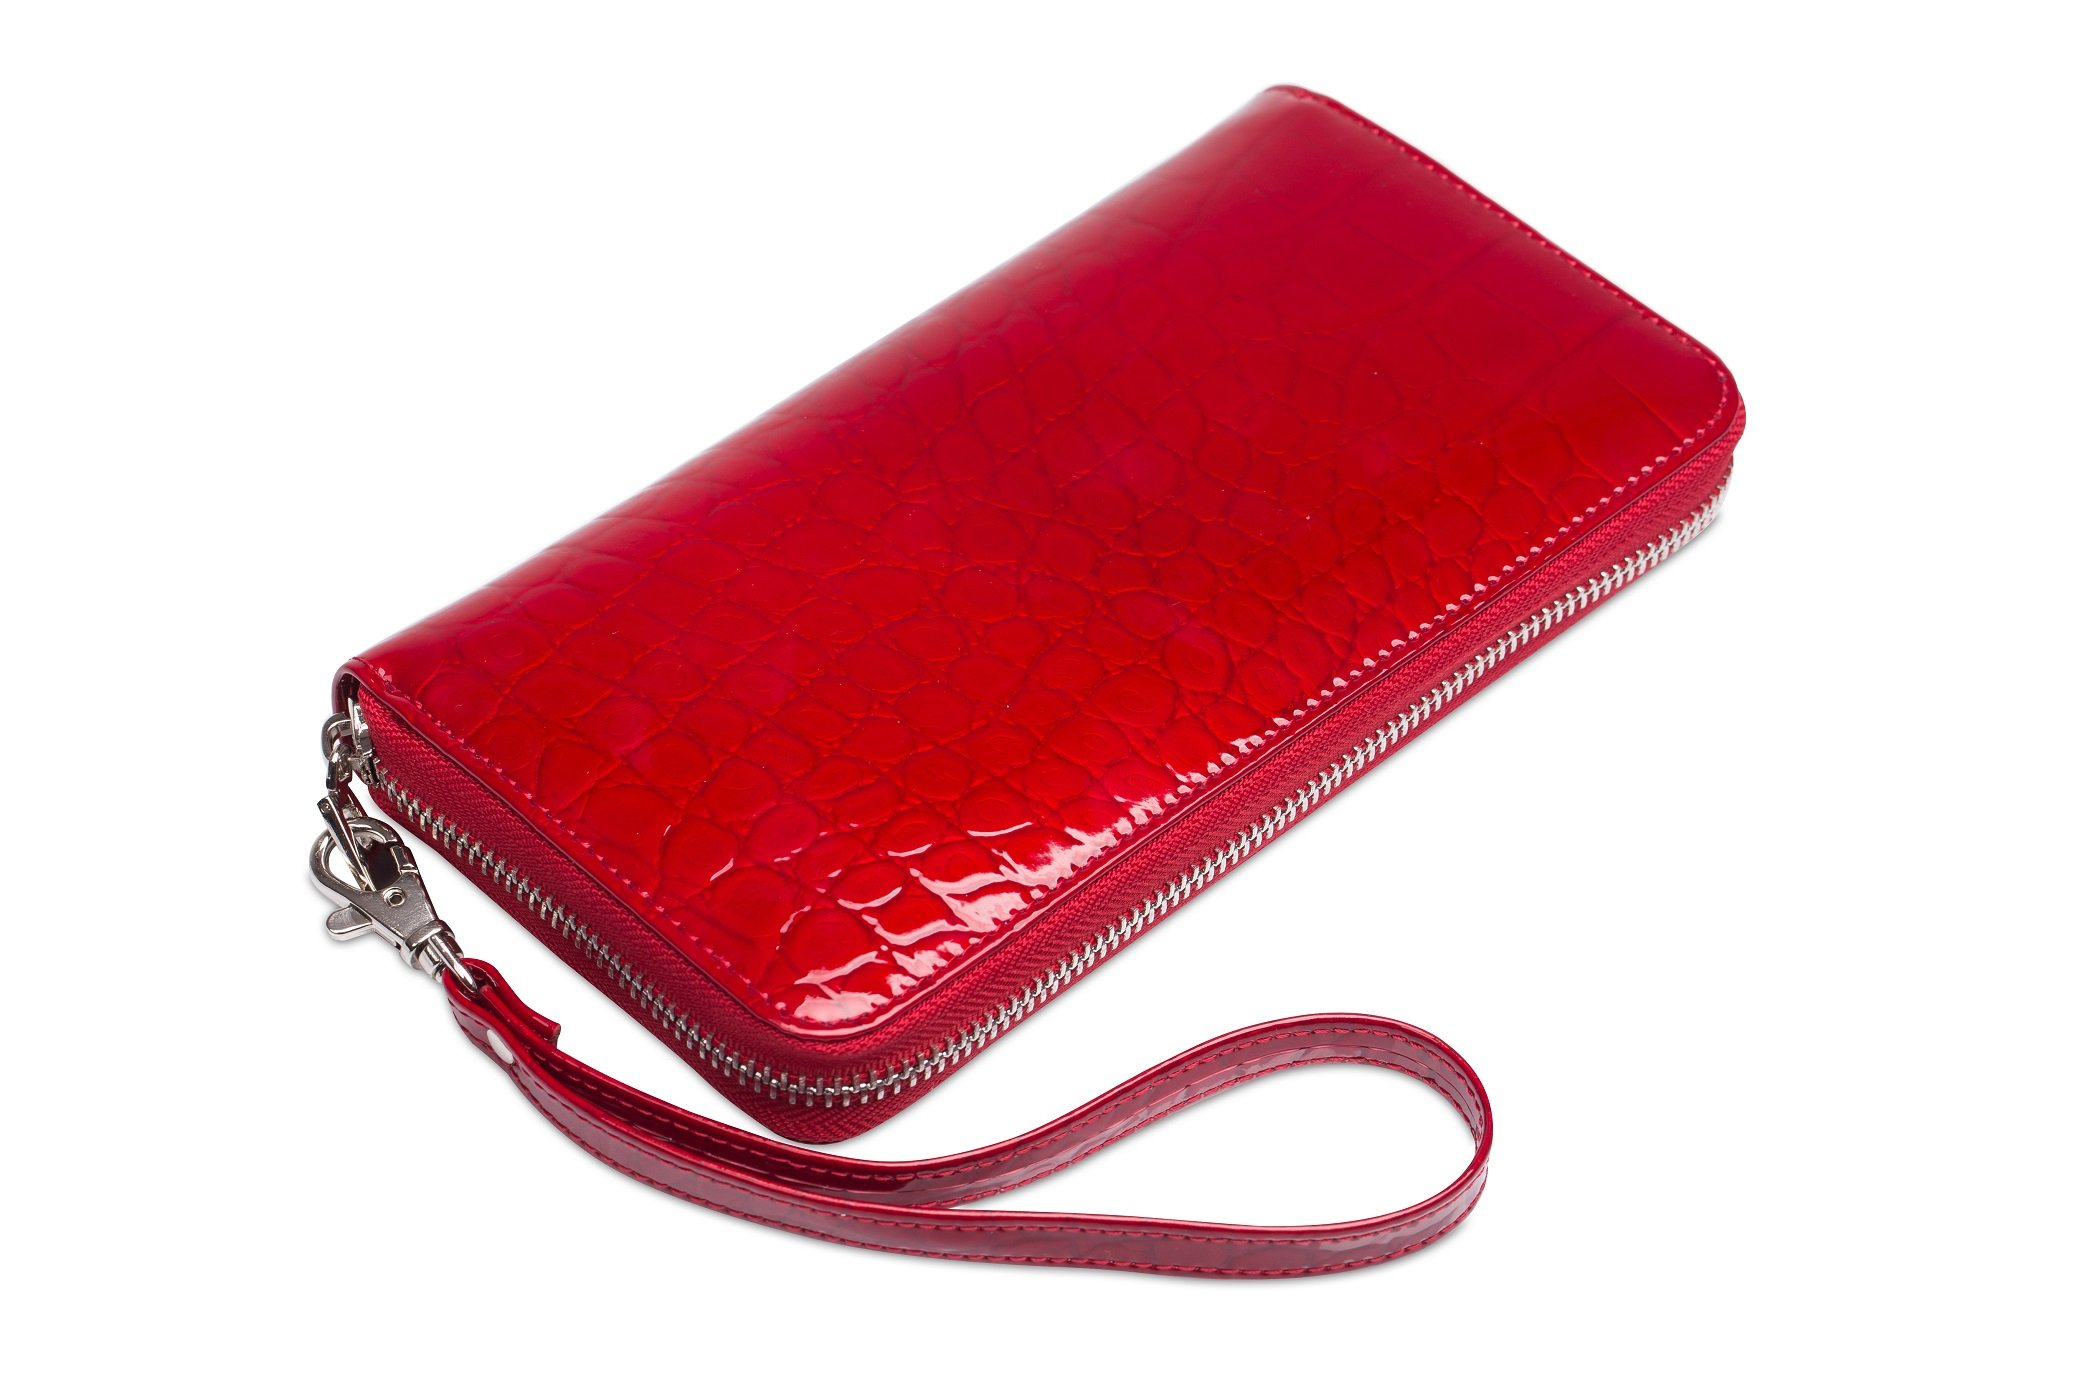 2f608d974736c Duży lakierowany portfel damski, piórnik, skórzany, cena - sklep ...